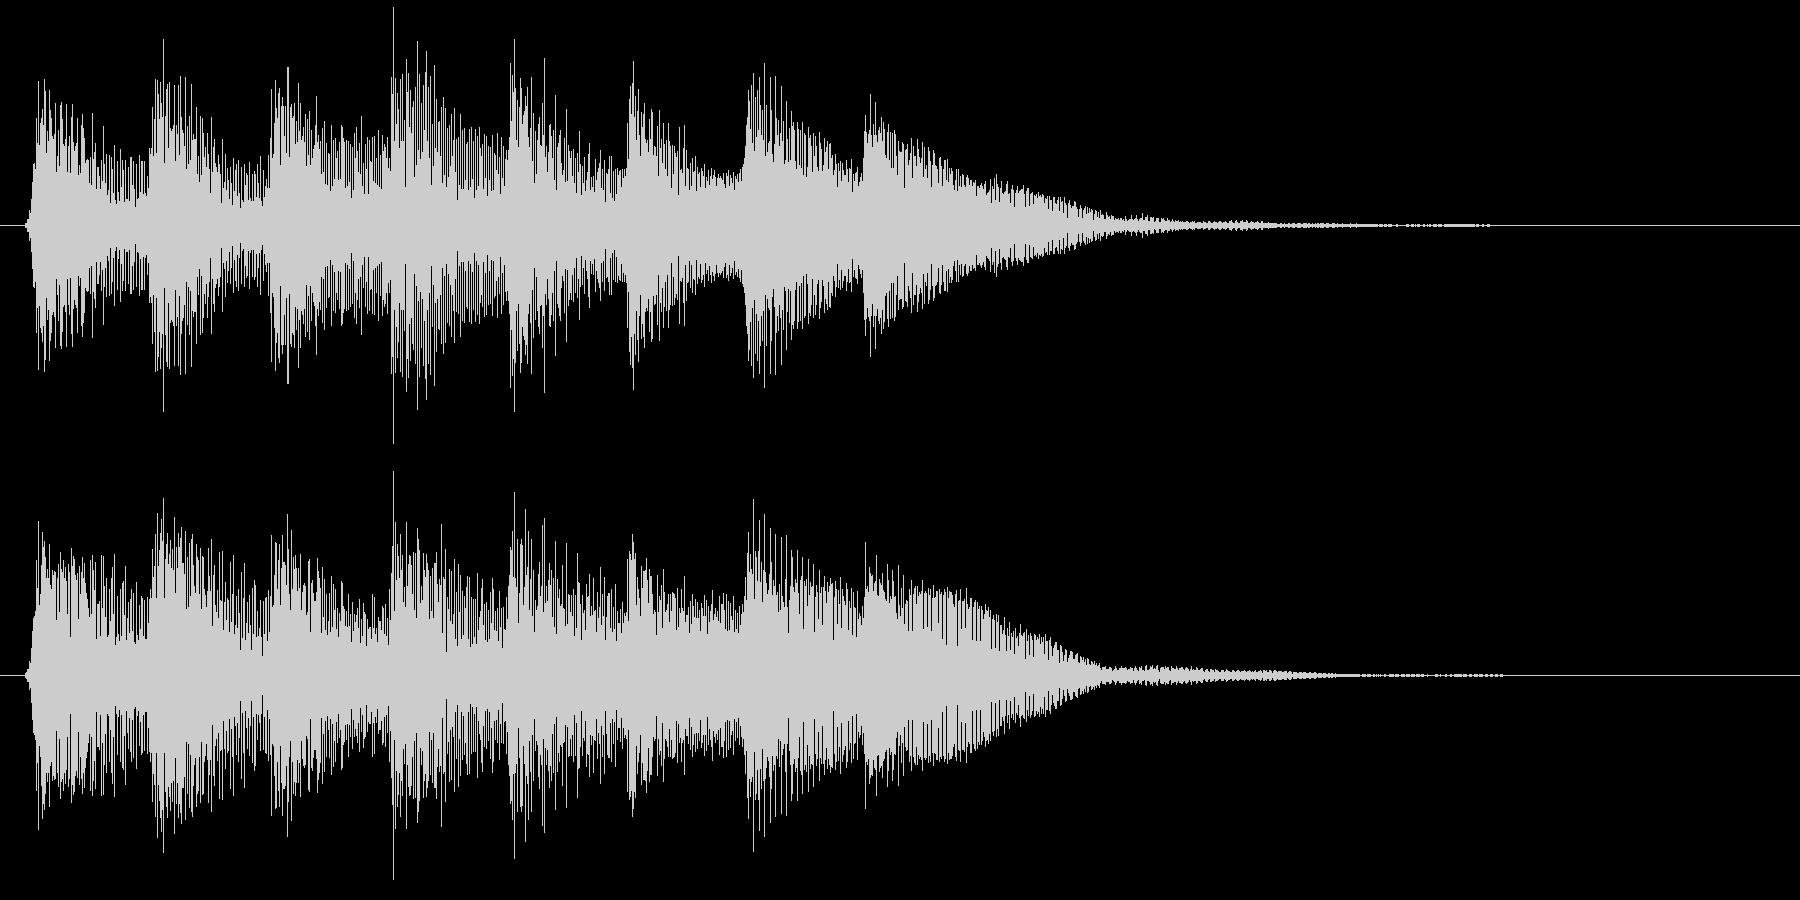 ピコピコ音のゲームクリア音 達成 成功の未再生の波形